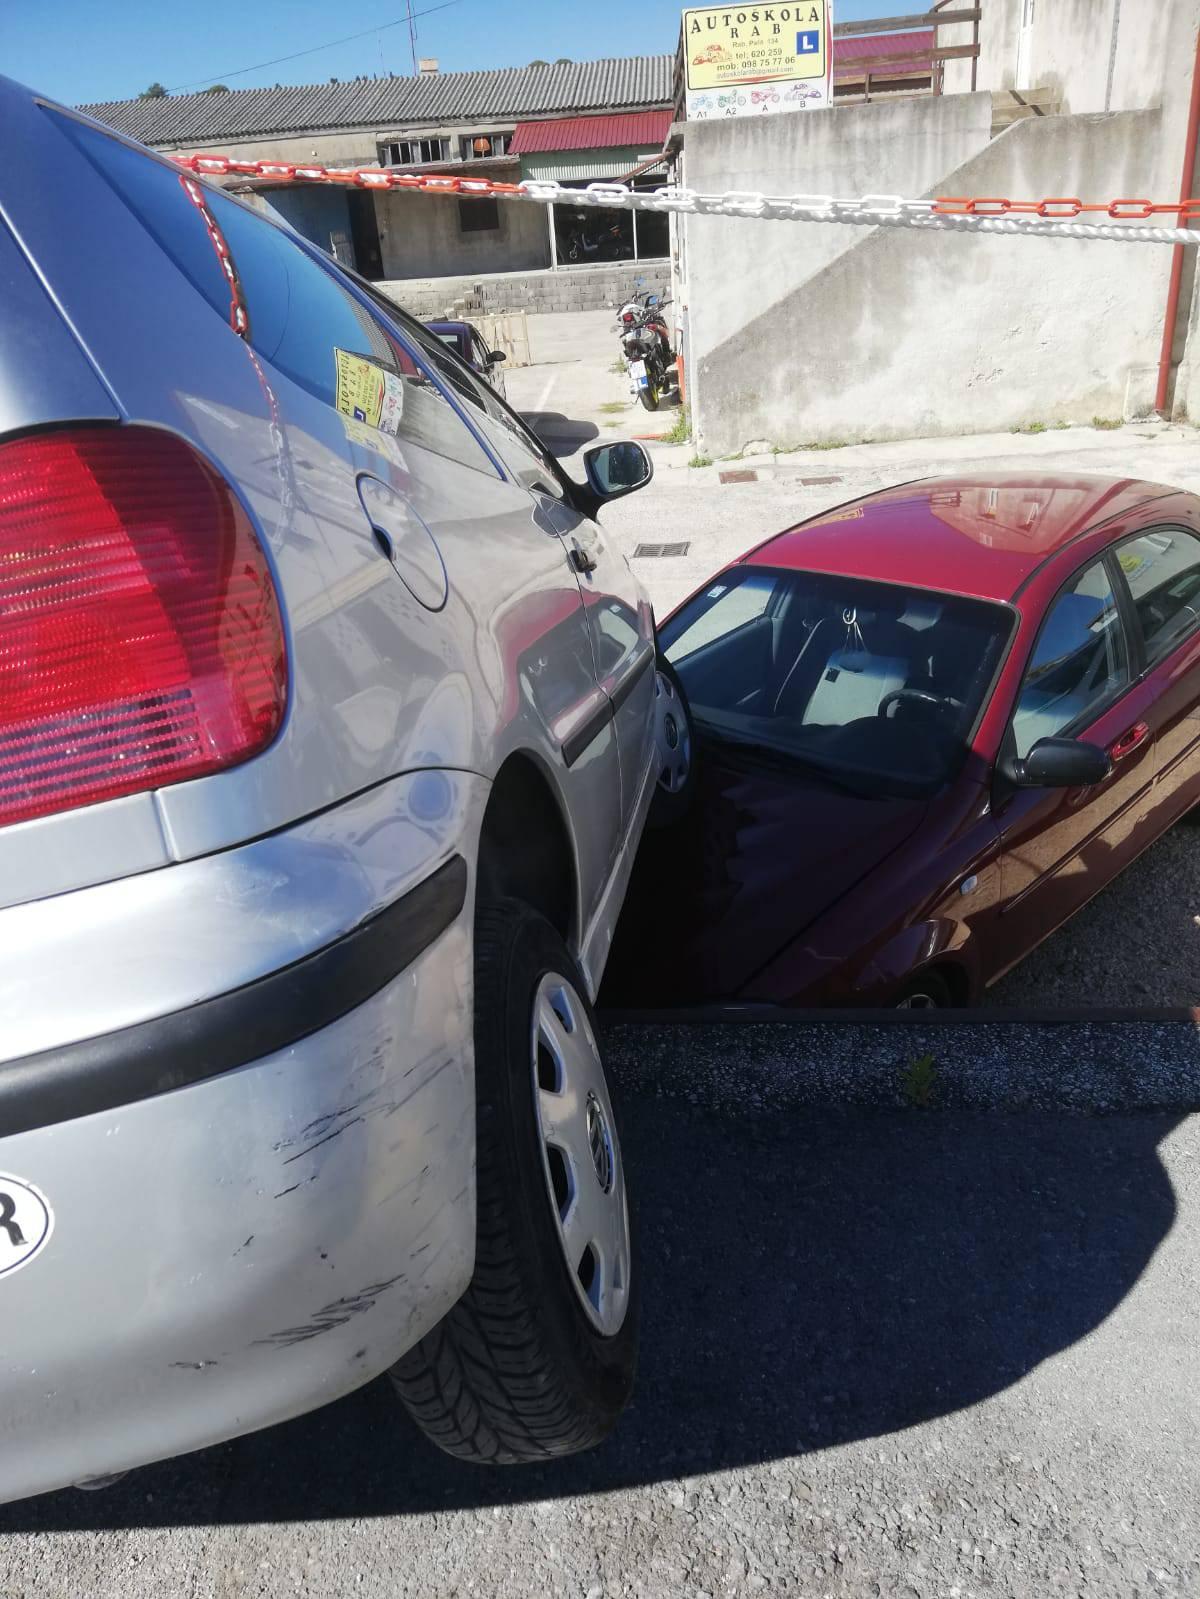 Nesreća na Rabu: Vozač (90) krenuo naprijed umjesto u rikverc i skršio drugi automobil